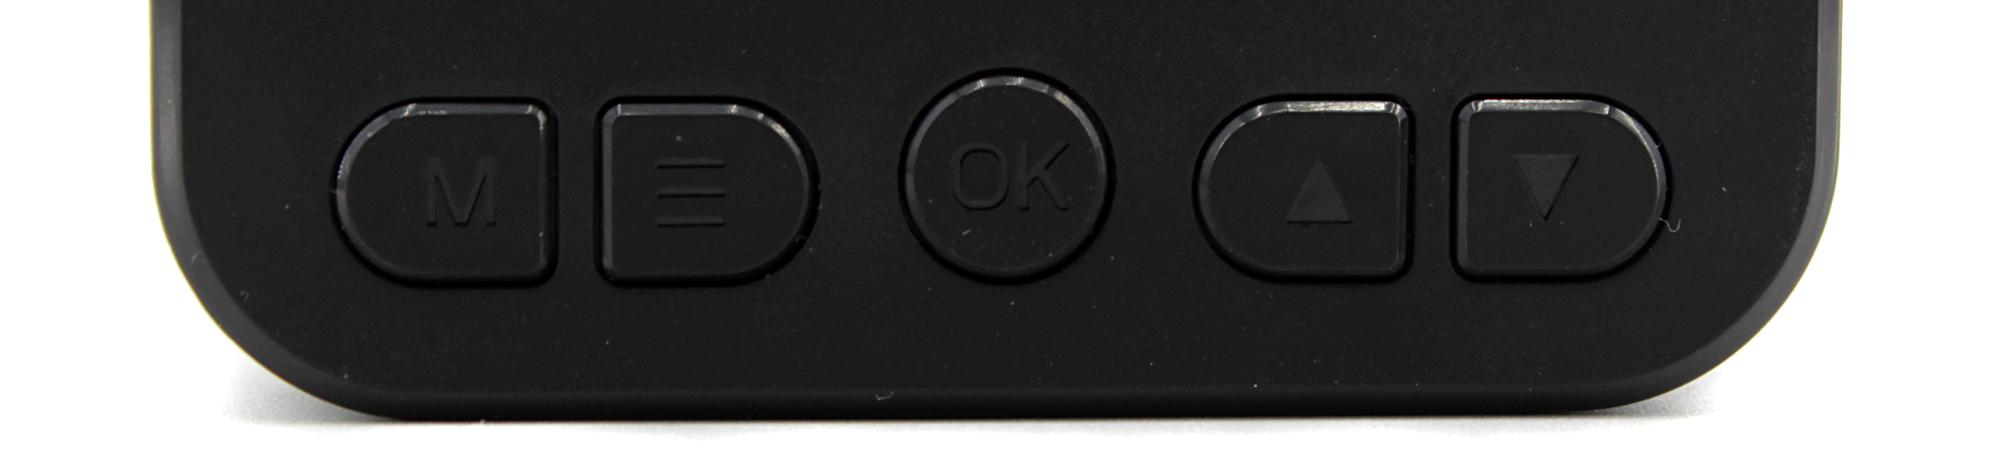 """Avtotovary - Obzor videoregistratora NAVITEL R200. """"Pervyy"""" v svoem rode."""